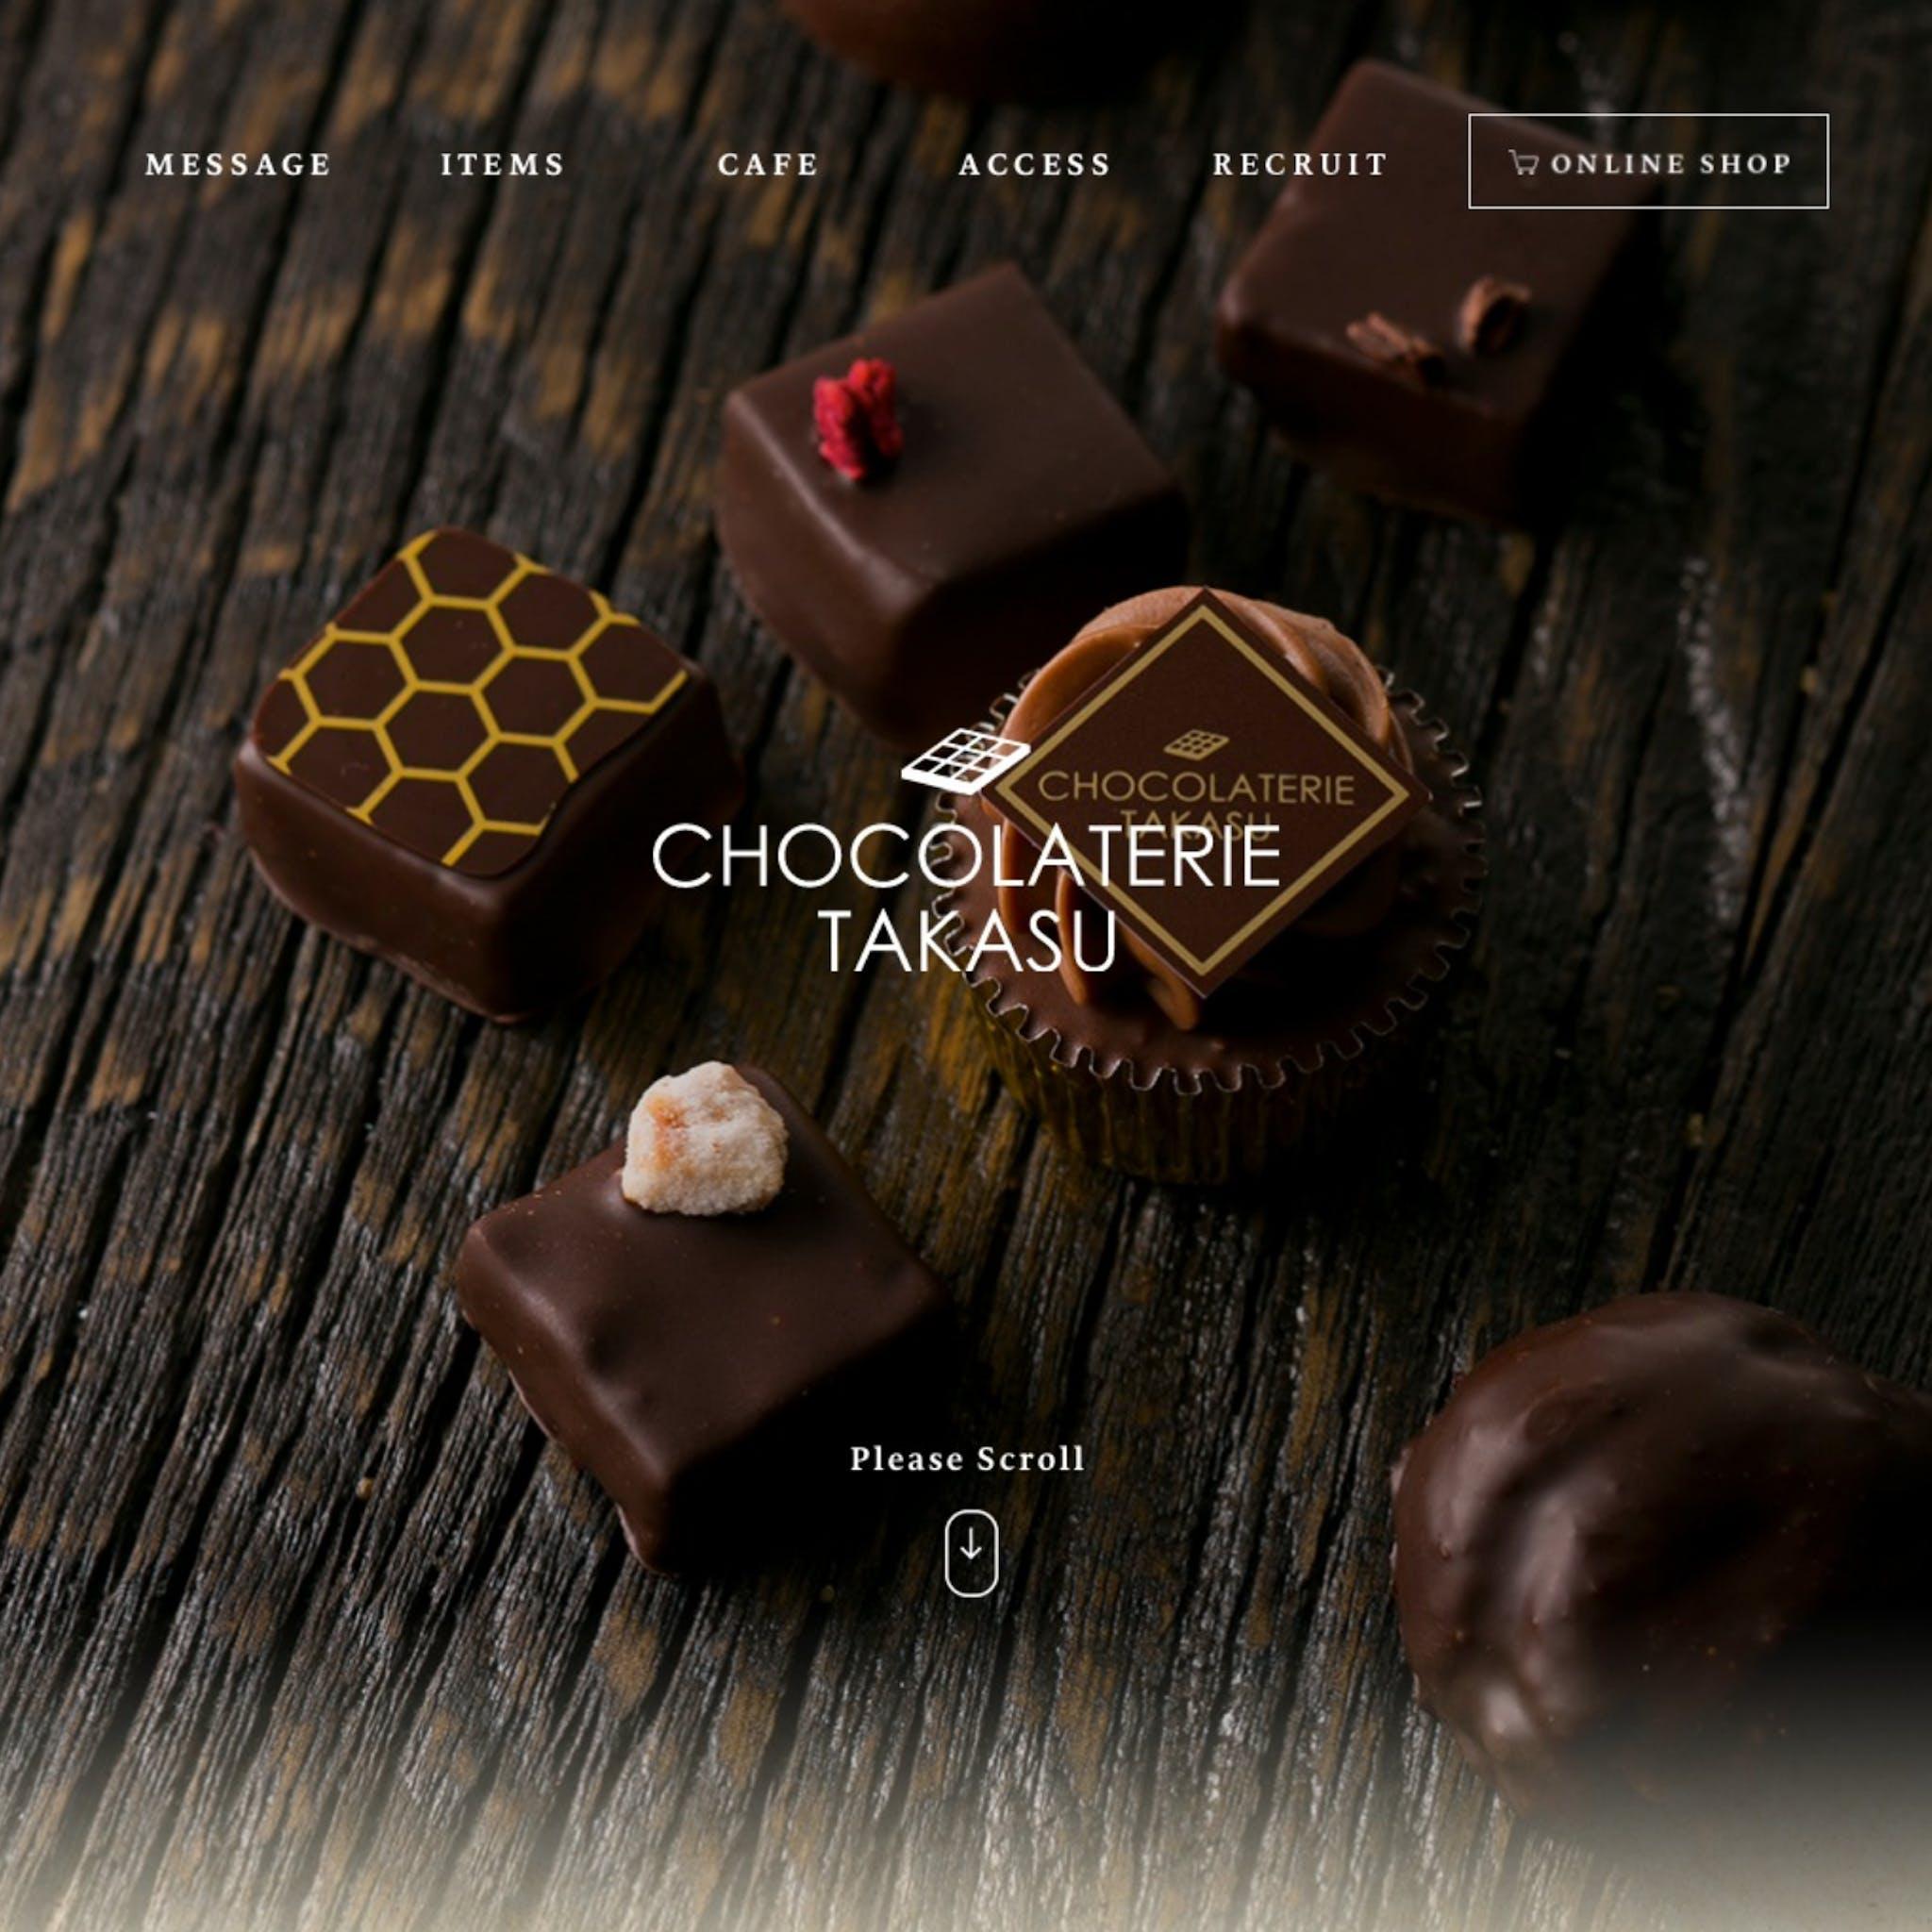 ショコラトリータカスさま/サービスサイト